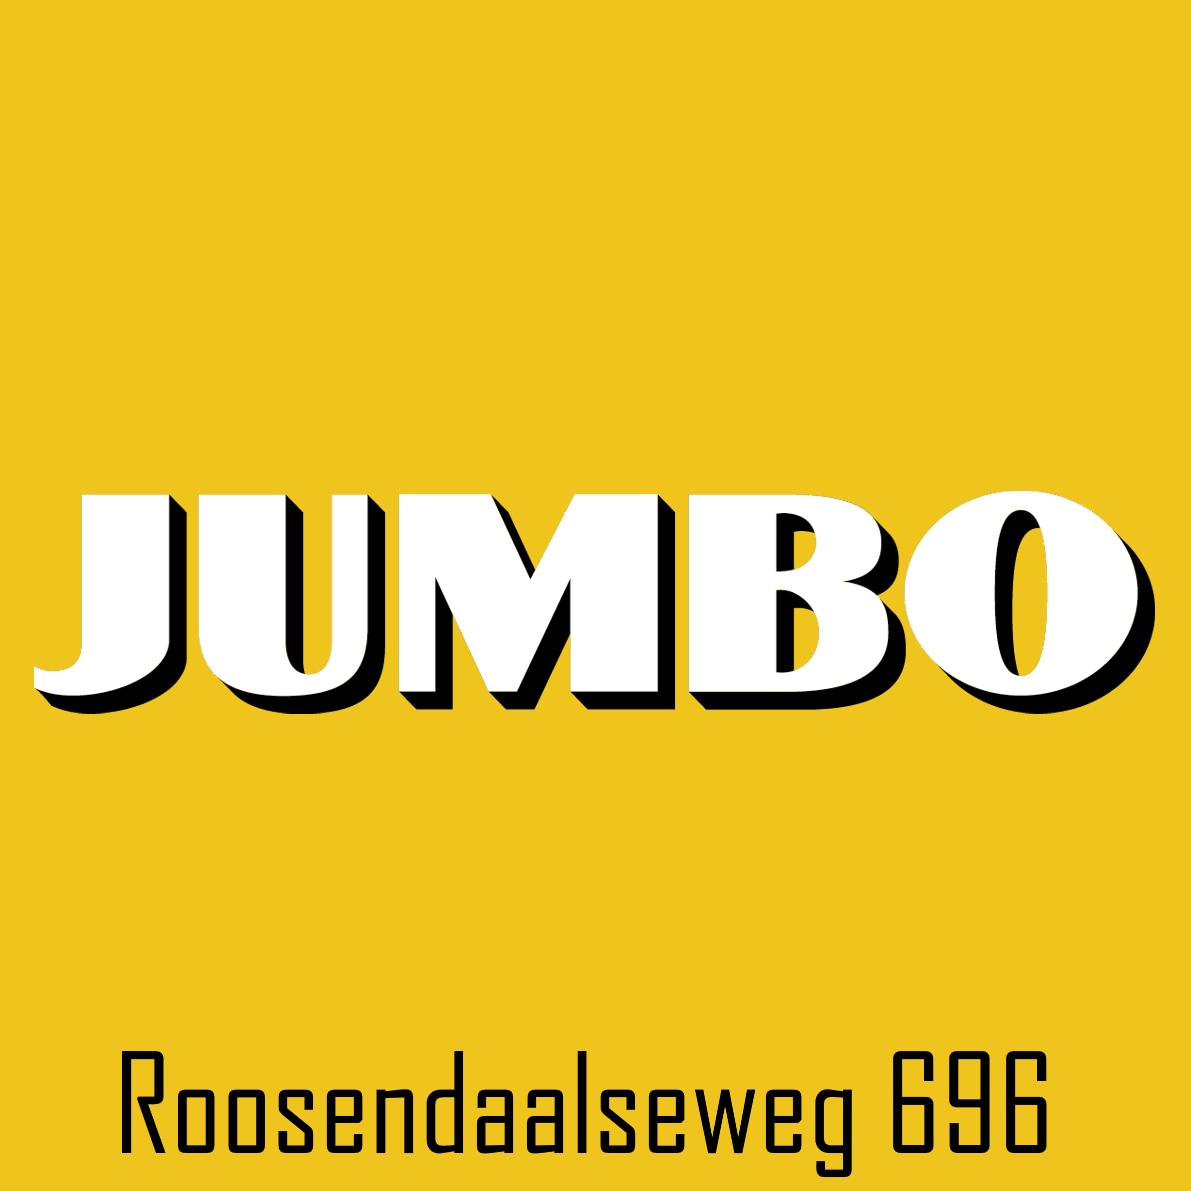 Jumbo - Ook uw dagelijkse boodschappen zijn met de cadeaukaart te koop bij twee Jumbo filialen in Arnhem. Adres: Roosendaalseweg 696, Arnhem.www.jumbo.com